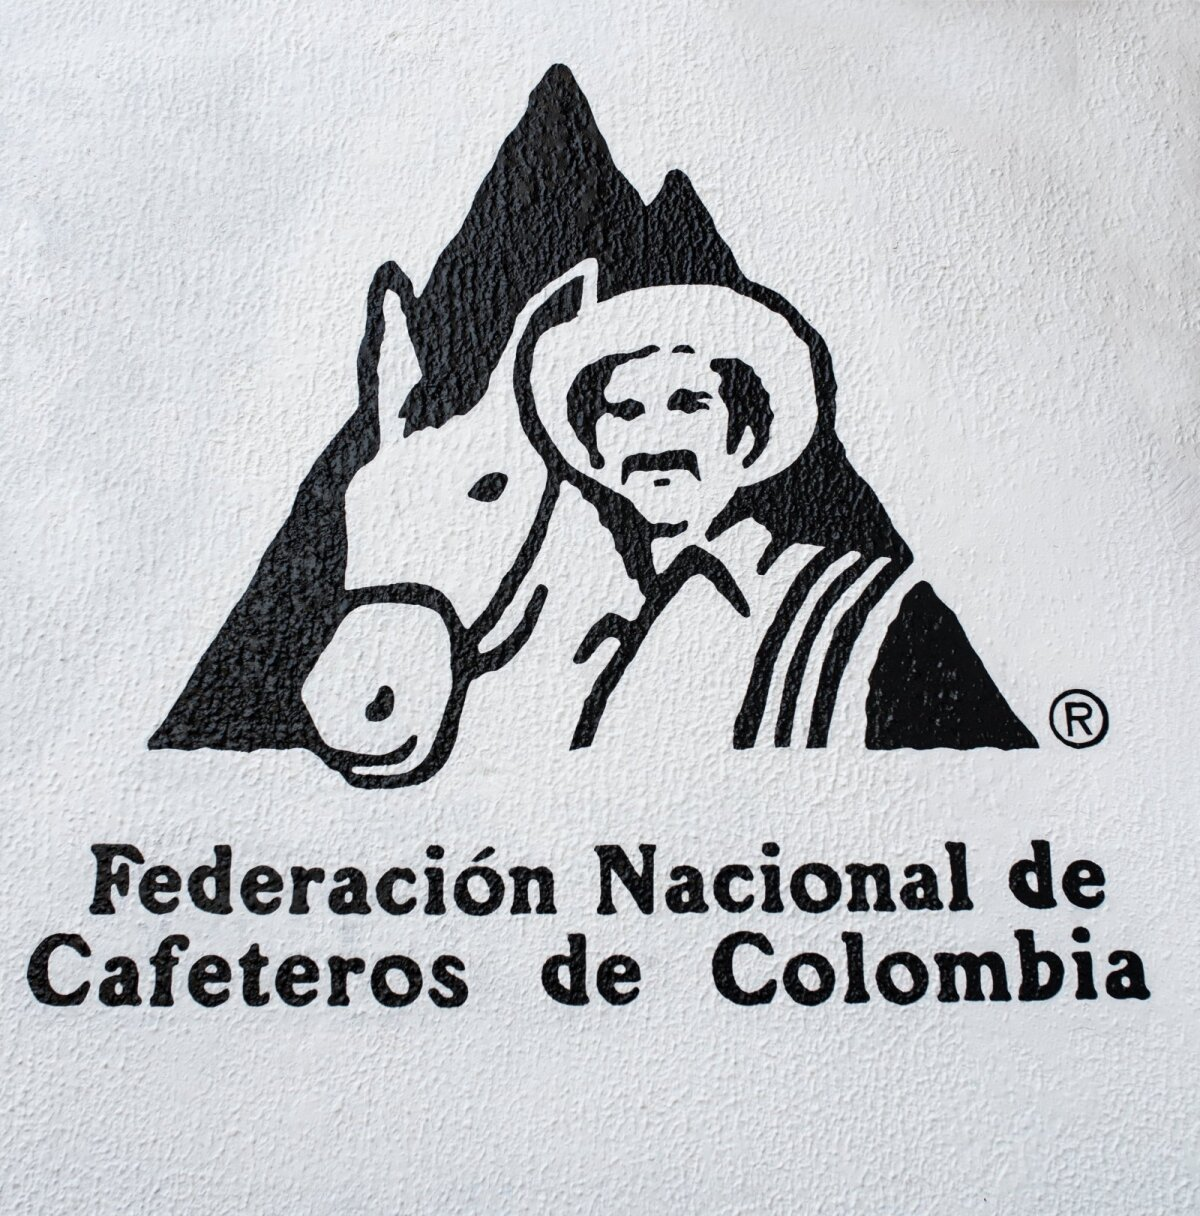 Colombia kohvitootjate kaanepoissi Juan Valdezi pole päriselt olemas.